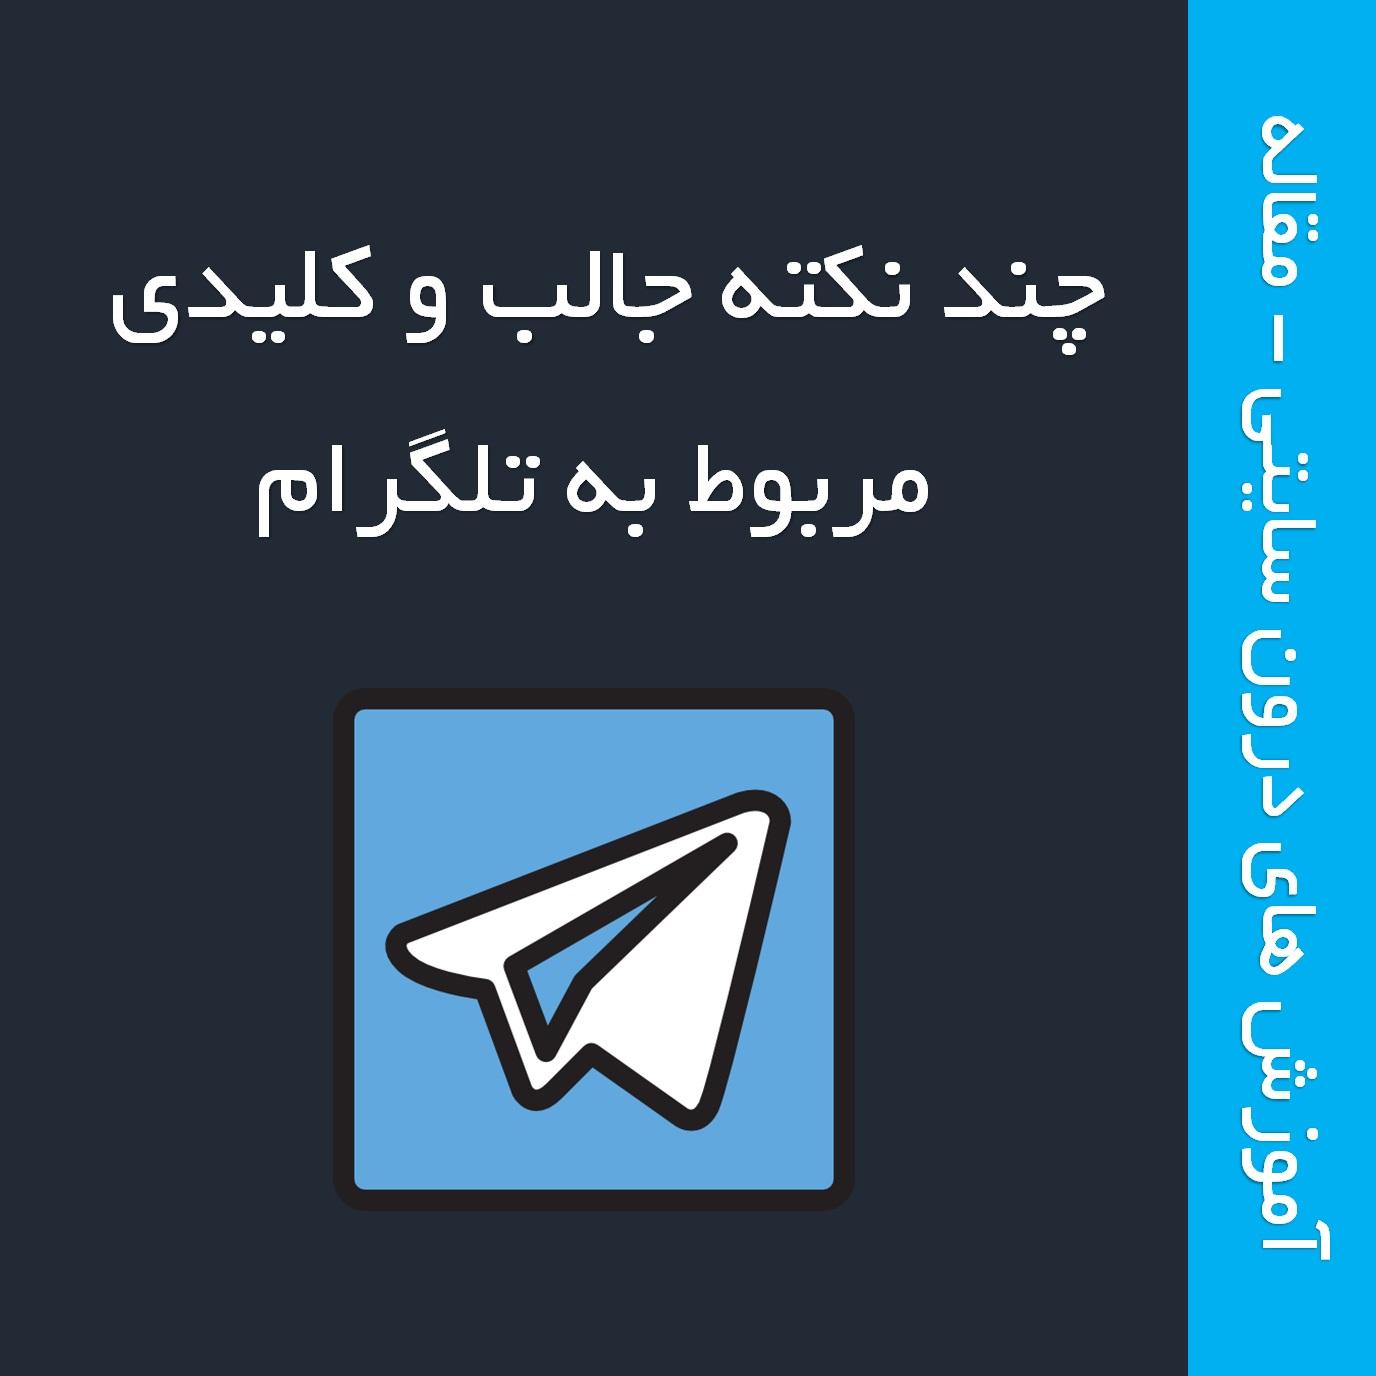 آموزش چند نکته جالب و کلیدی راجب به تلگرام.